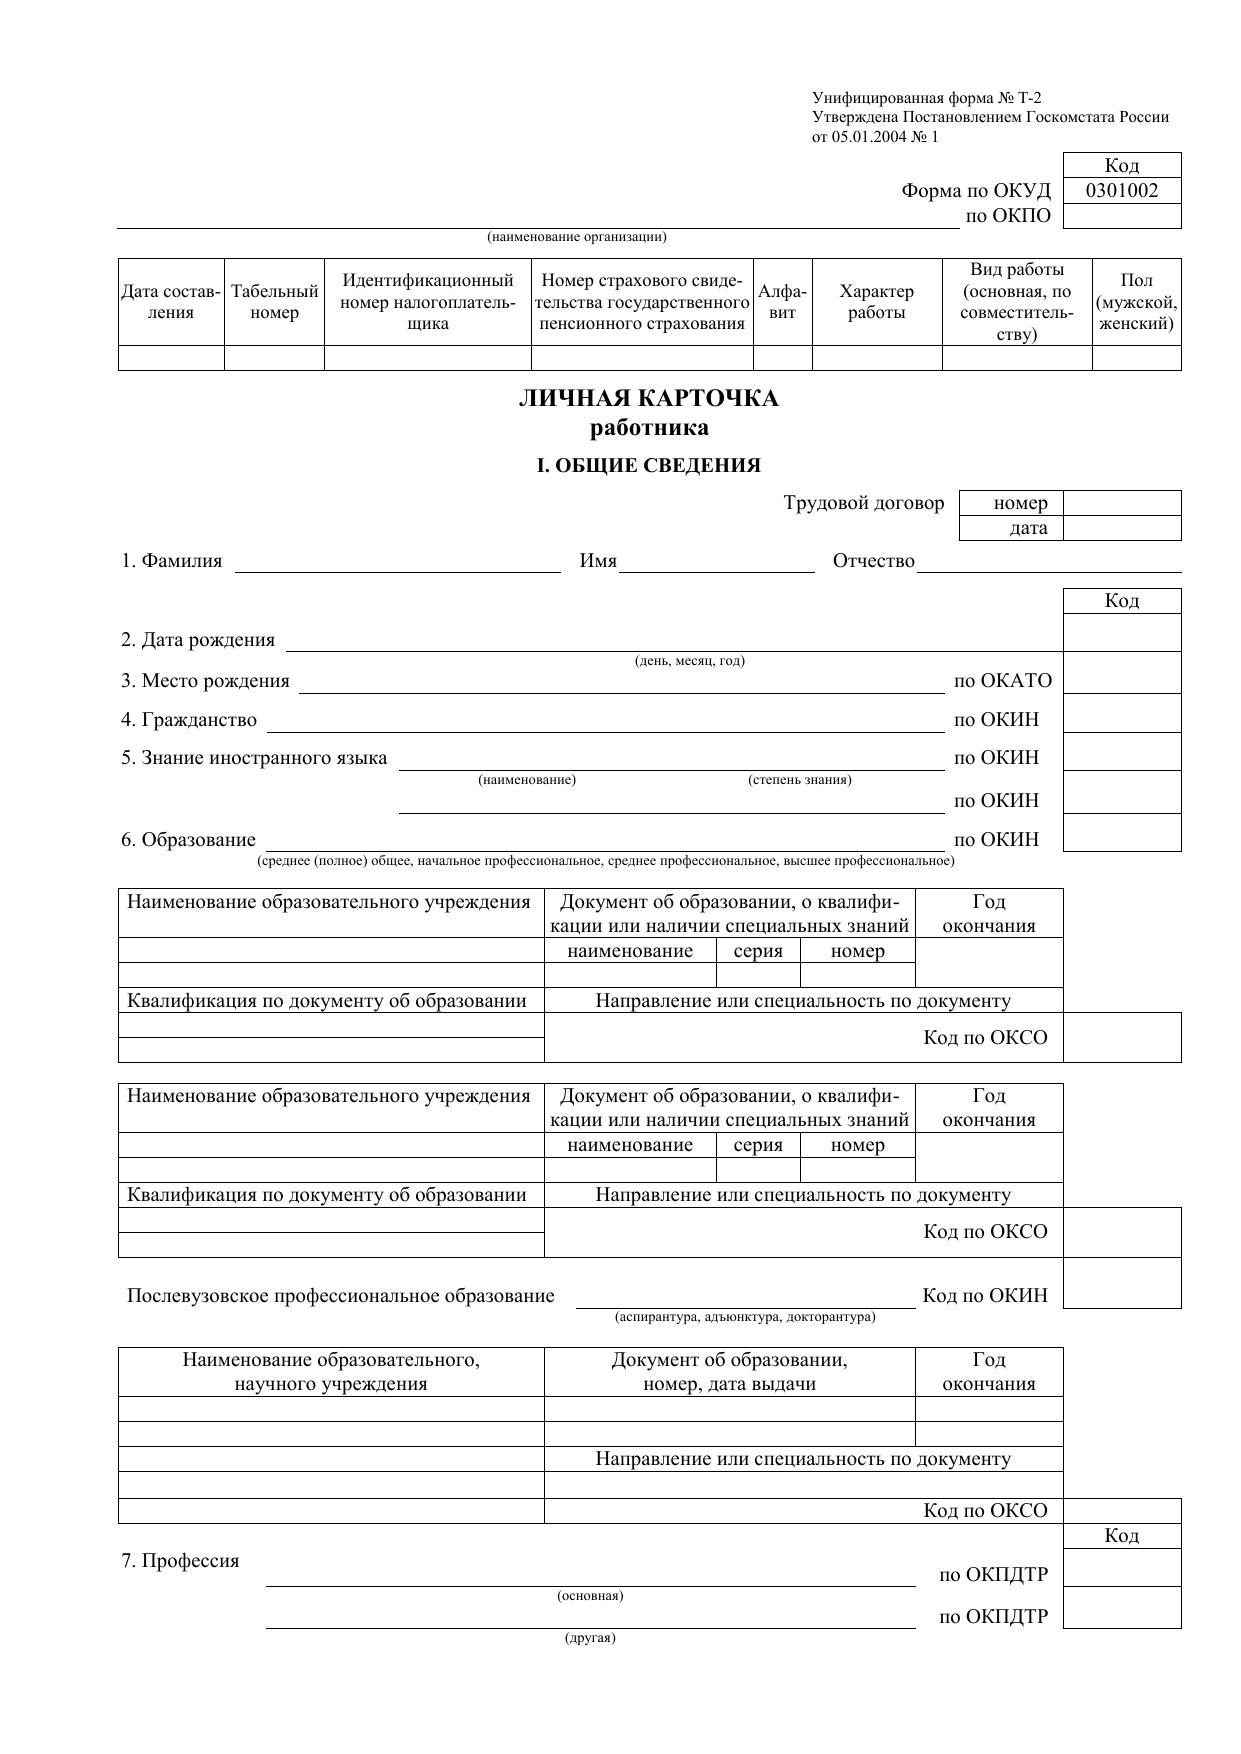 бланк формы 6 для регистратора